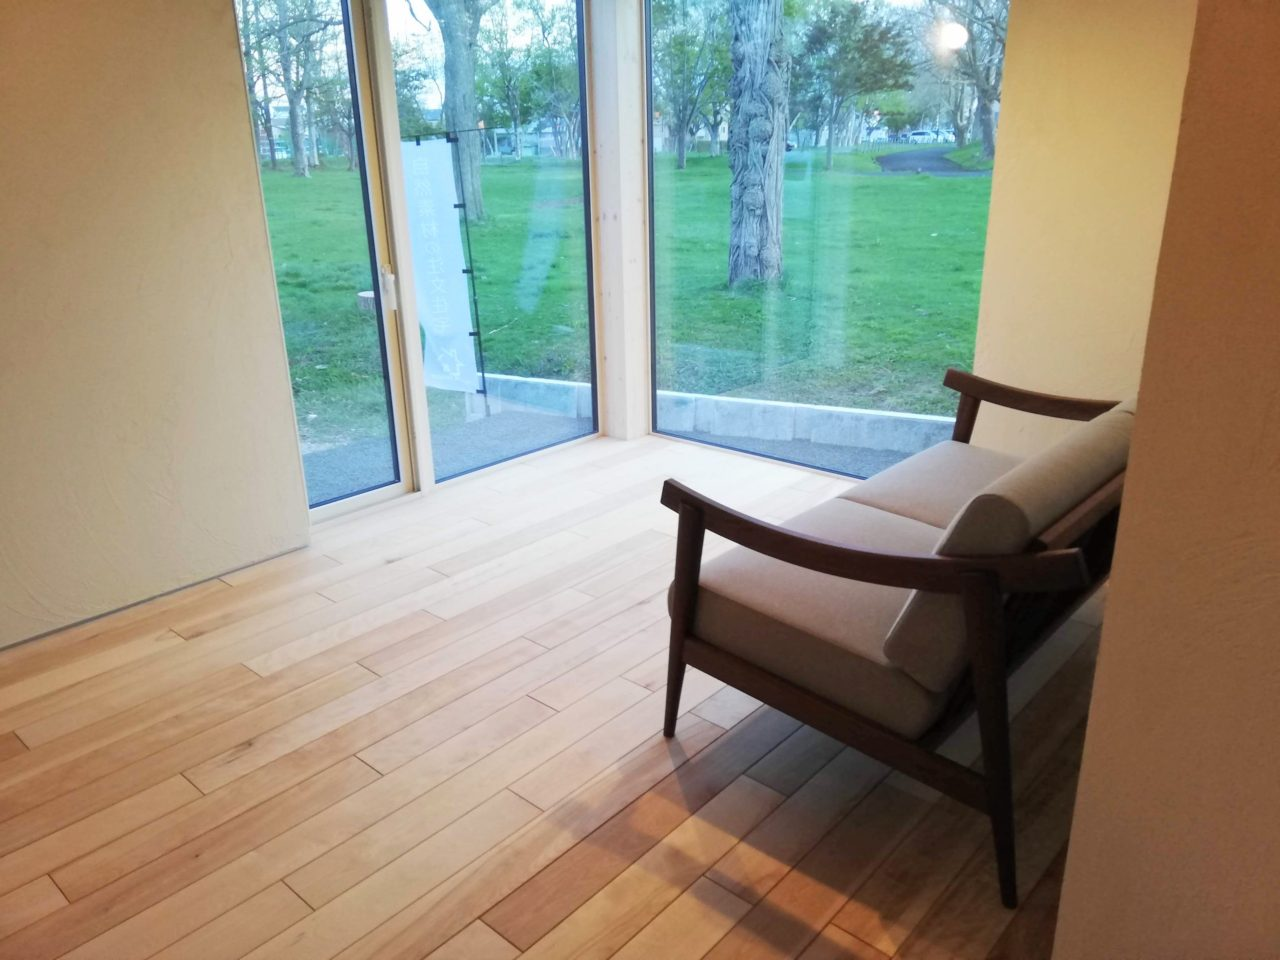 景色の良い窓辺のソファー